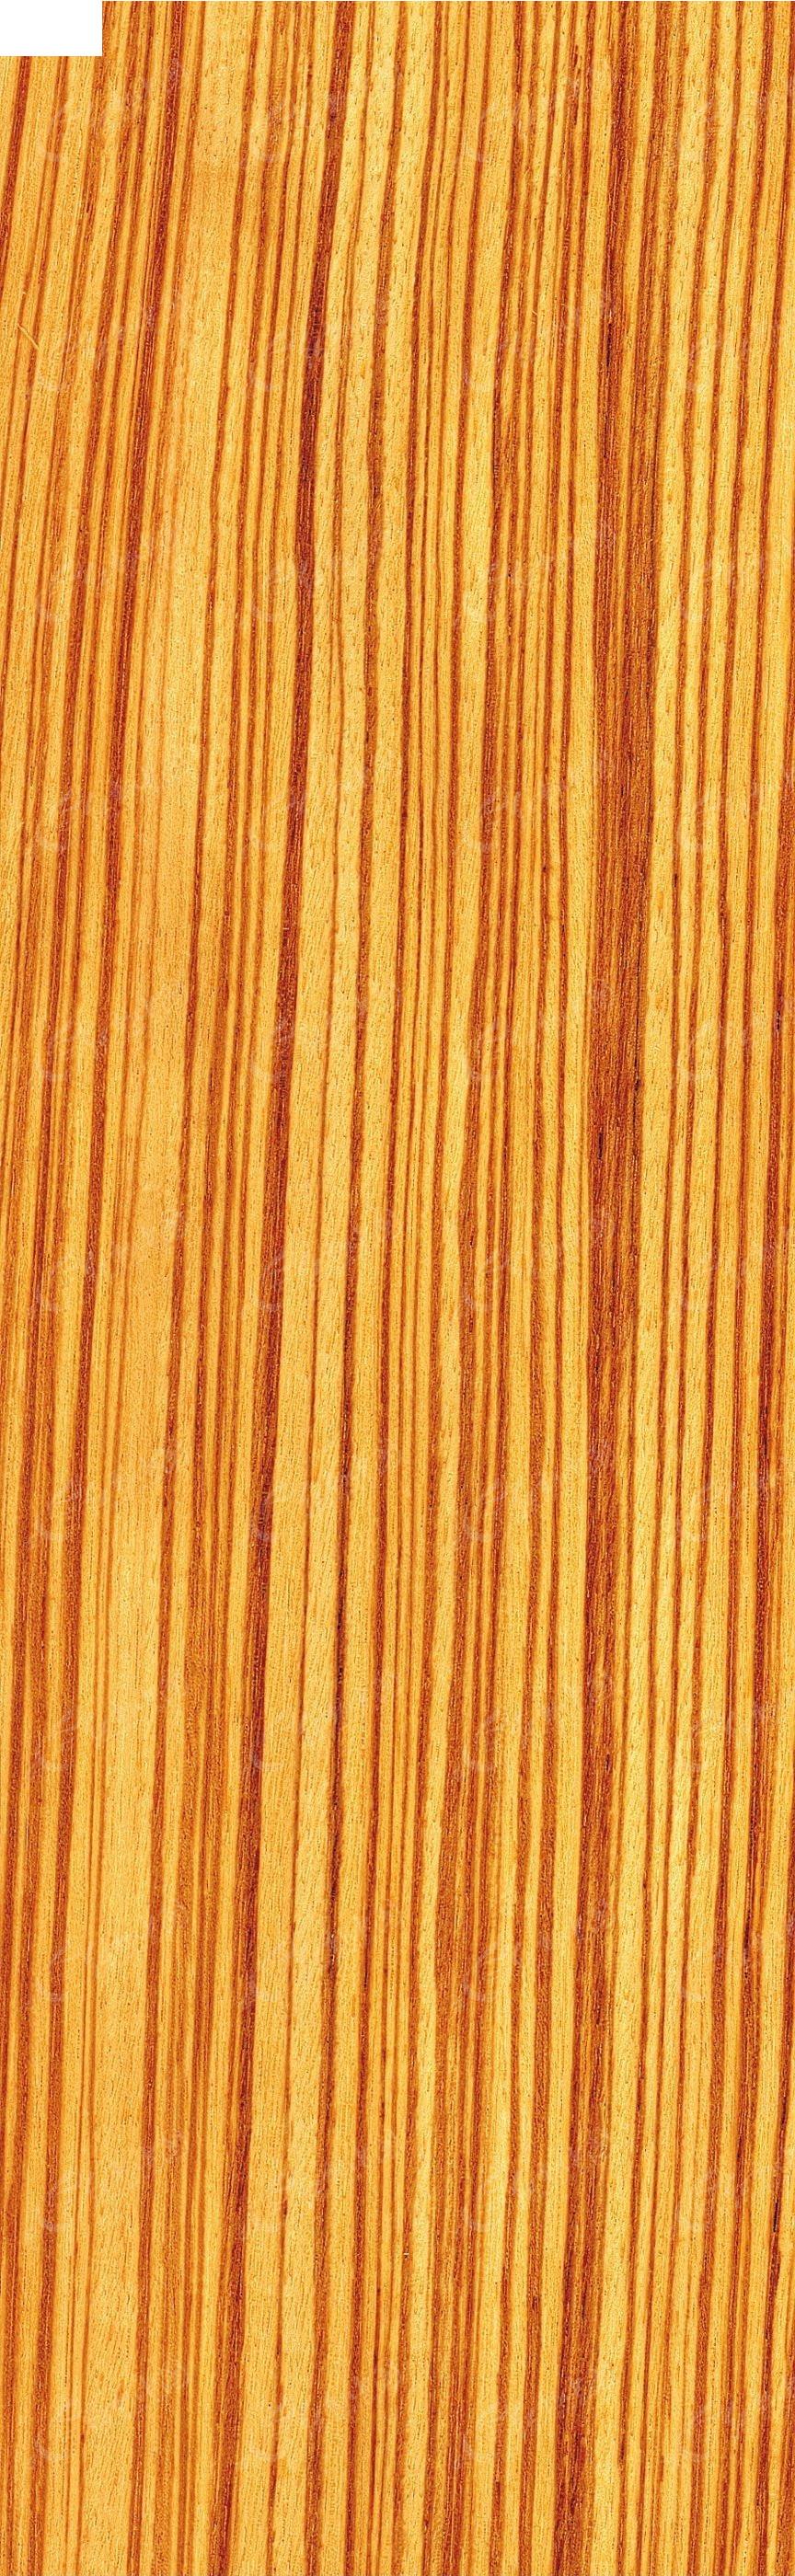 地板木质贴图